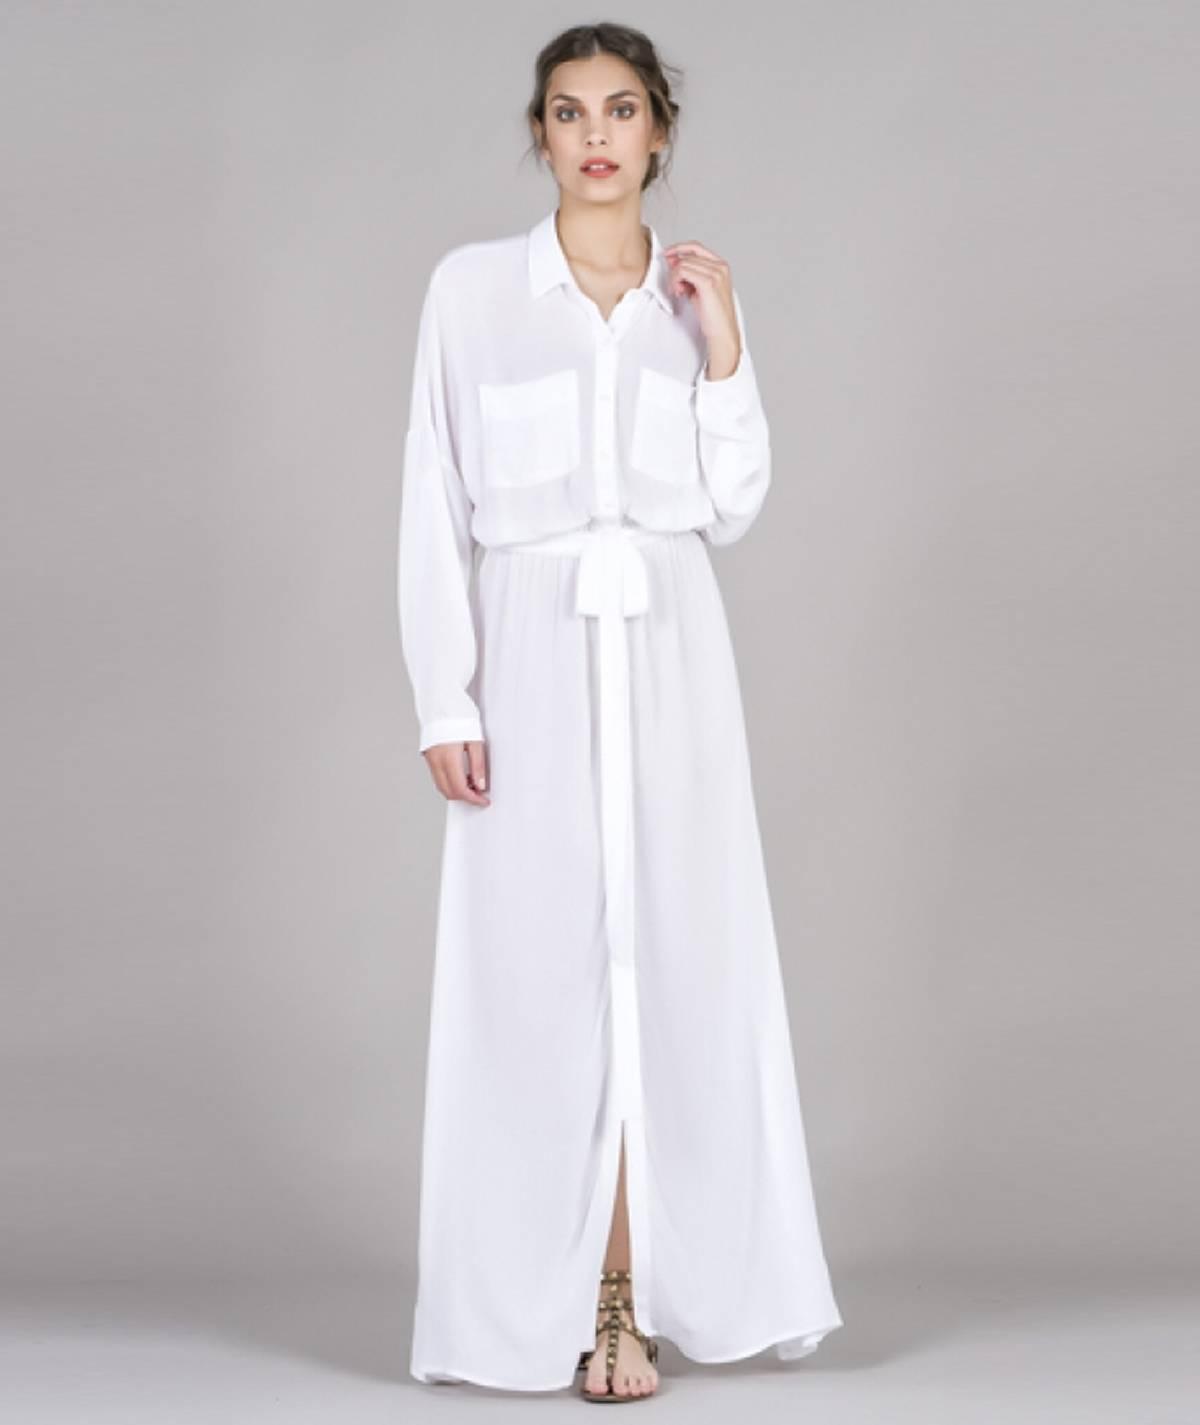 [CHIESSY] Vestido comprido...